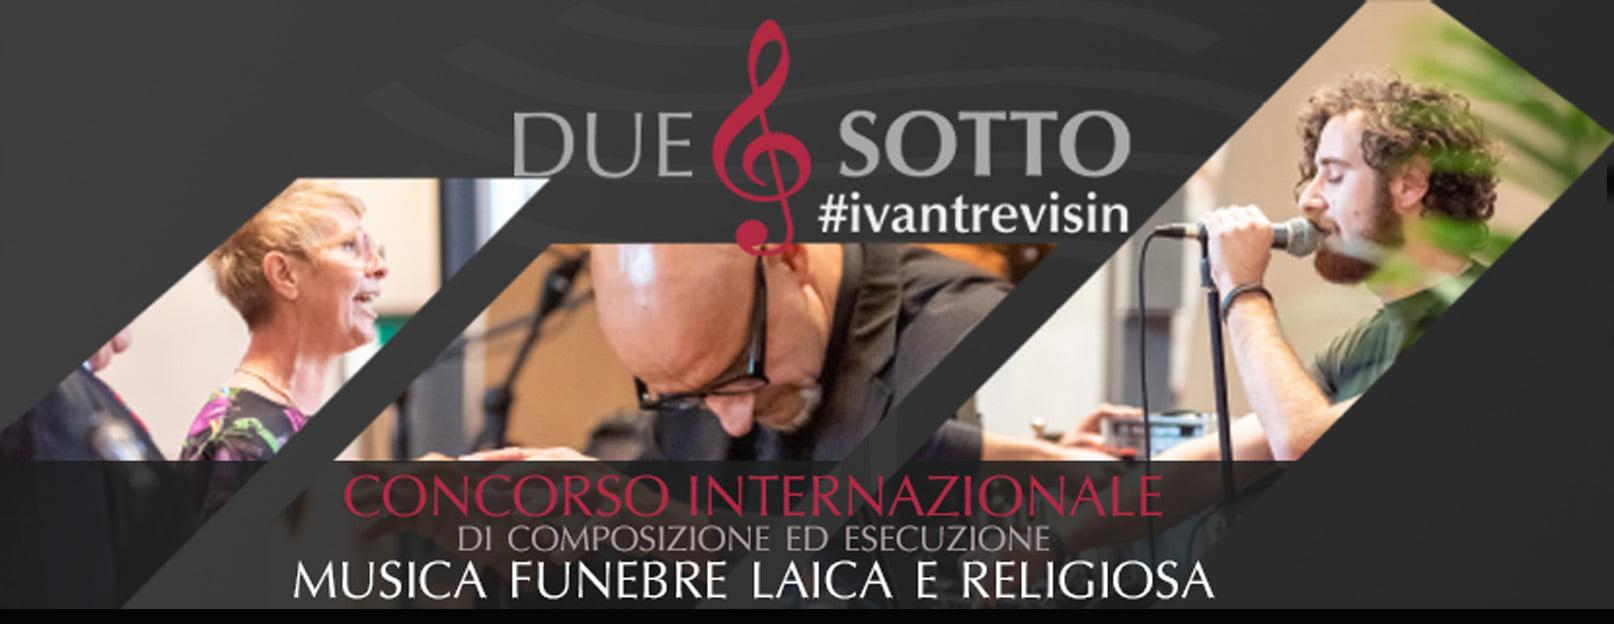 DUE SOTTO #IvanTrevisin